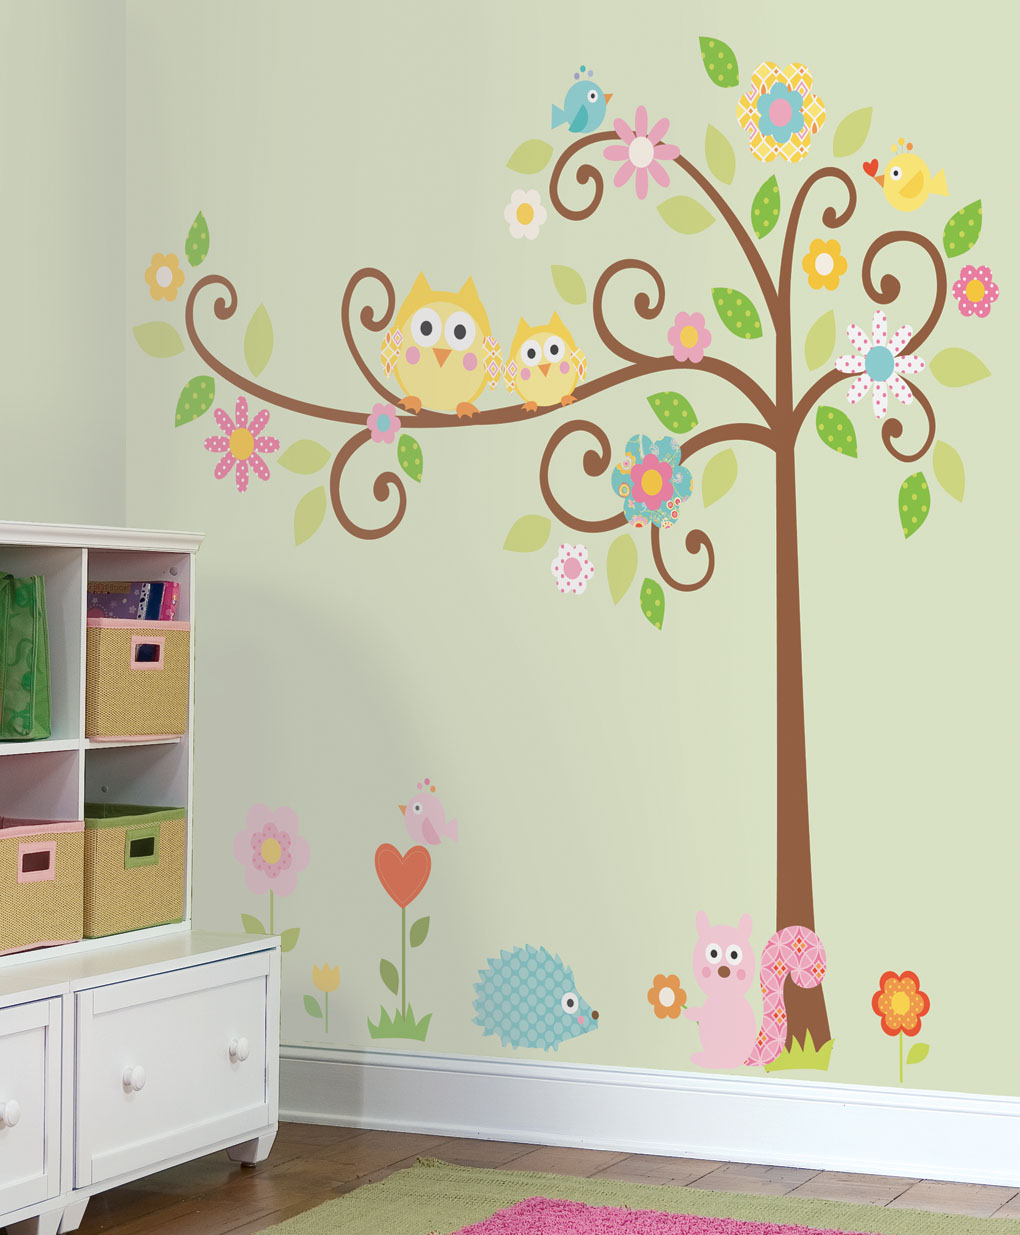 Wall Decals Kids | Art Wall Decor